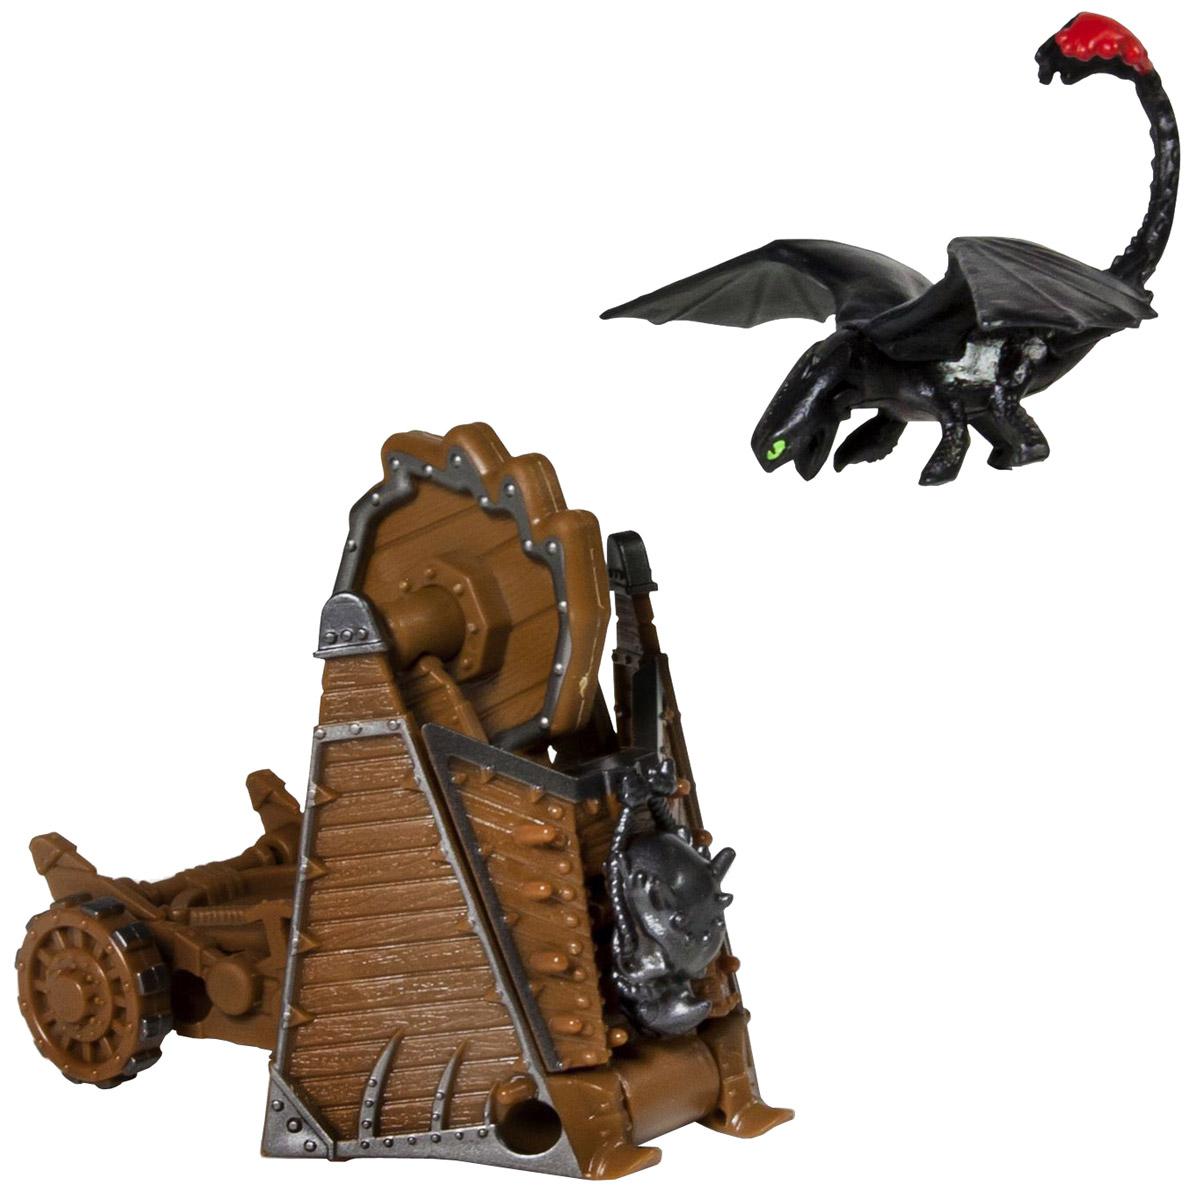 Dragons Набор фигурок Toothless vs Drago War Machine66561_20064842Набор для битв Dragons Toothless vs Drago War Machine создан на основе масштабных батальных сцен из мультфильма Как приручить дракона 2. По сюжету драконы сражаются против боевых машин. Набор выполнен из прочного пластика и включает фигурку дракона Беззубика и боевую пушку Драго. С помощью этого набора для битвы ребенок воссоздаст картину сражения прямо в своей комнате и окунется в гущу событий мультфильма, будет проигрывать любимые сцены или придумывать свои истории!